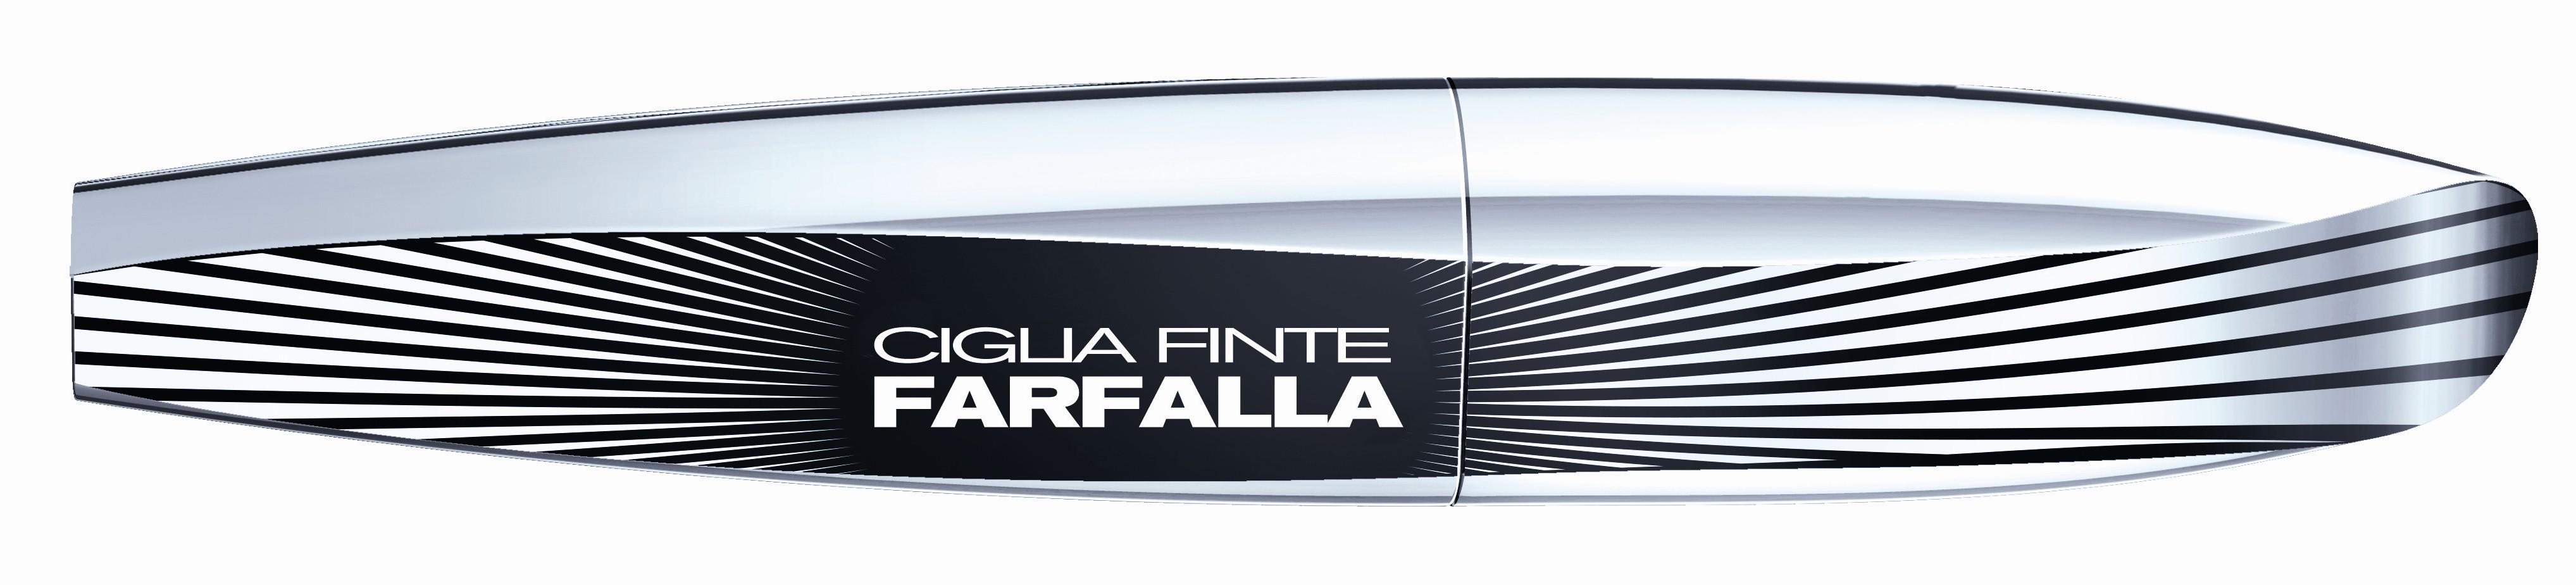 Ciglia_Finte_Farfalla